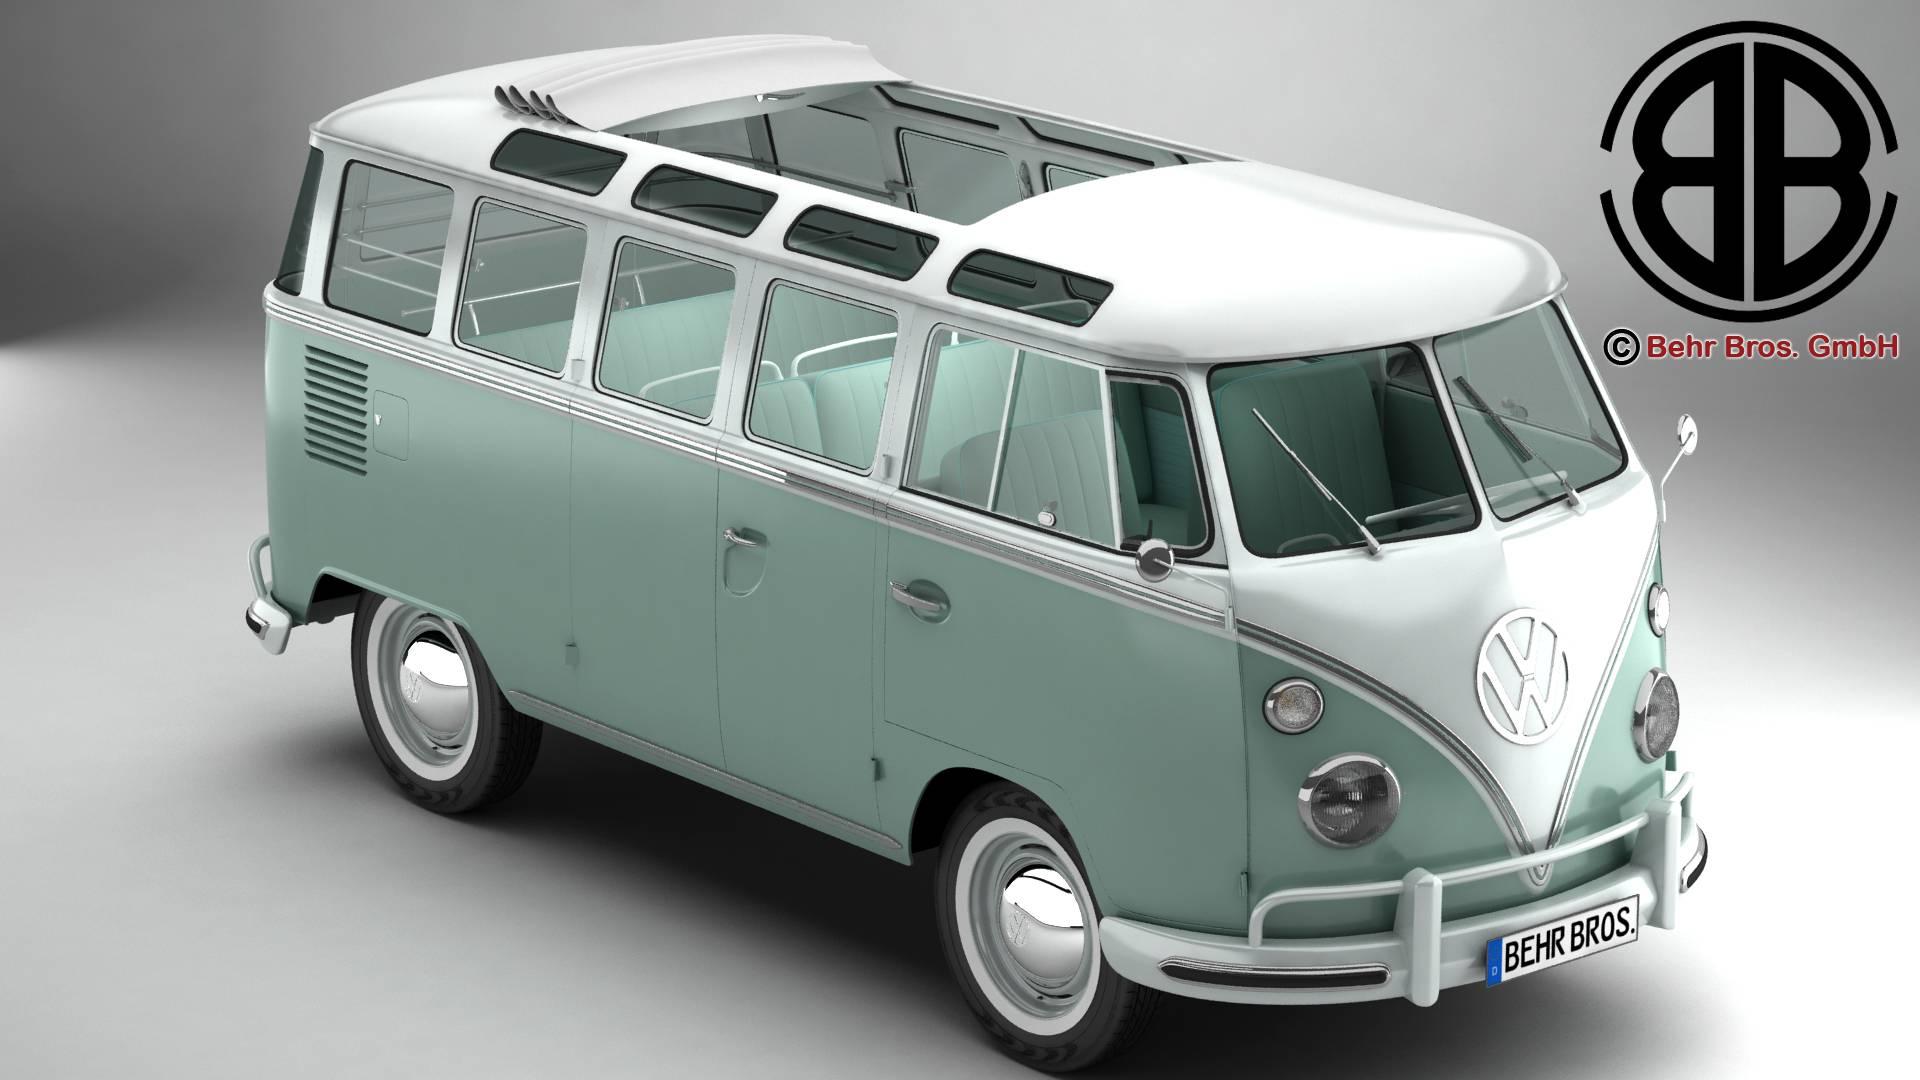 teip volkswagen 2 samba 1963 3d model 3ds max fbx c4d am fwy o wybodaeth 217141